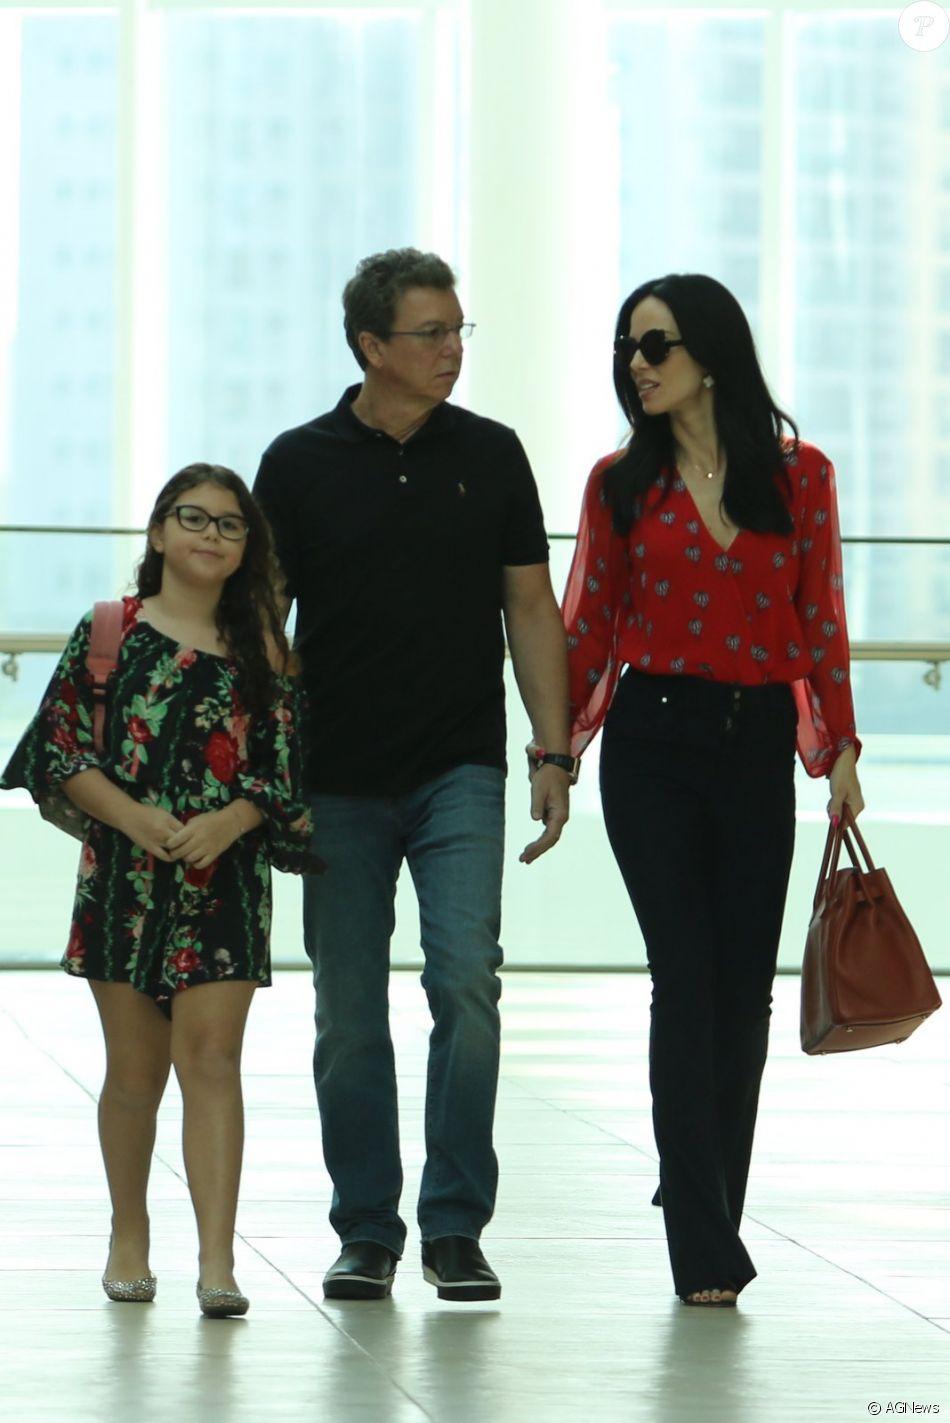 Ana Furtado e Boninho foram fotografados por paparazzi durante passeio no shopping Village Mall, no Rio de Janeiro, neste domingo, 11 de junho de 2017